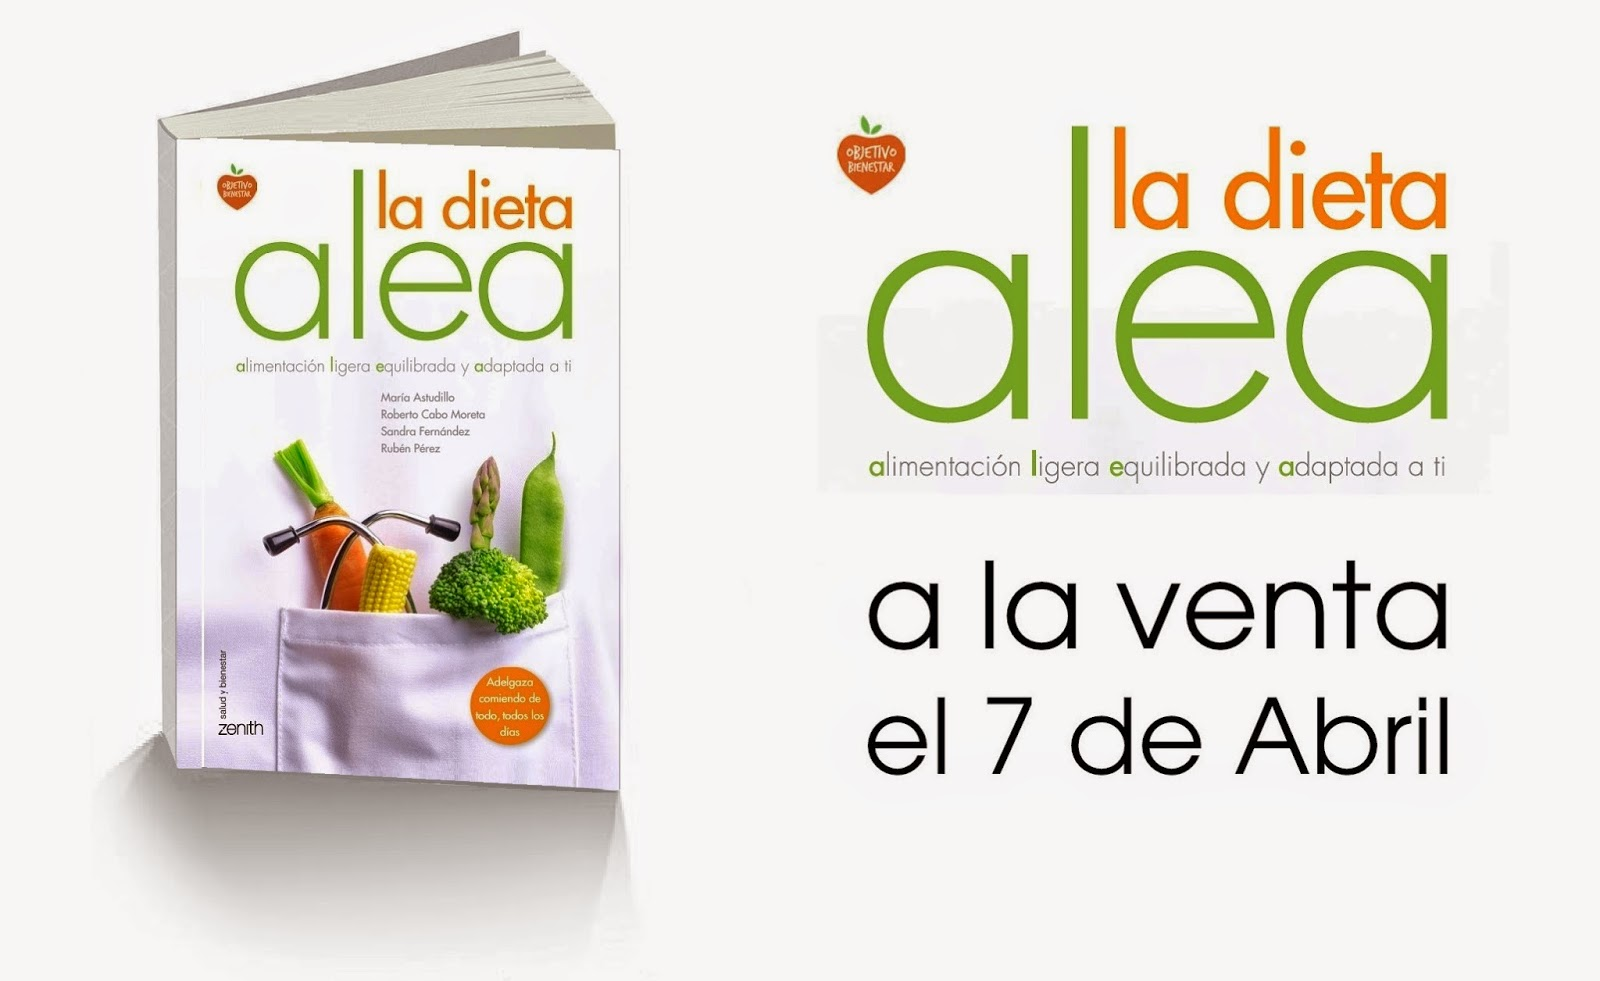 la dieta di alea pdf